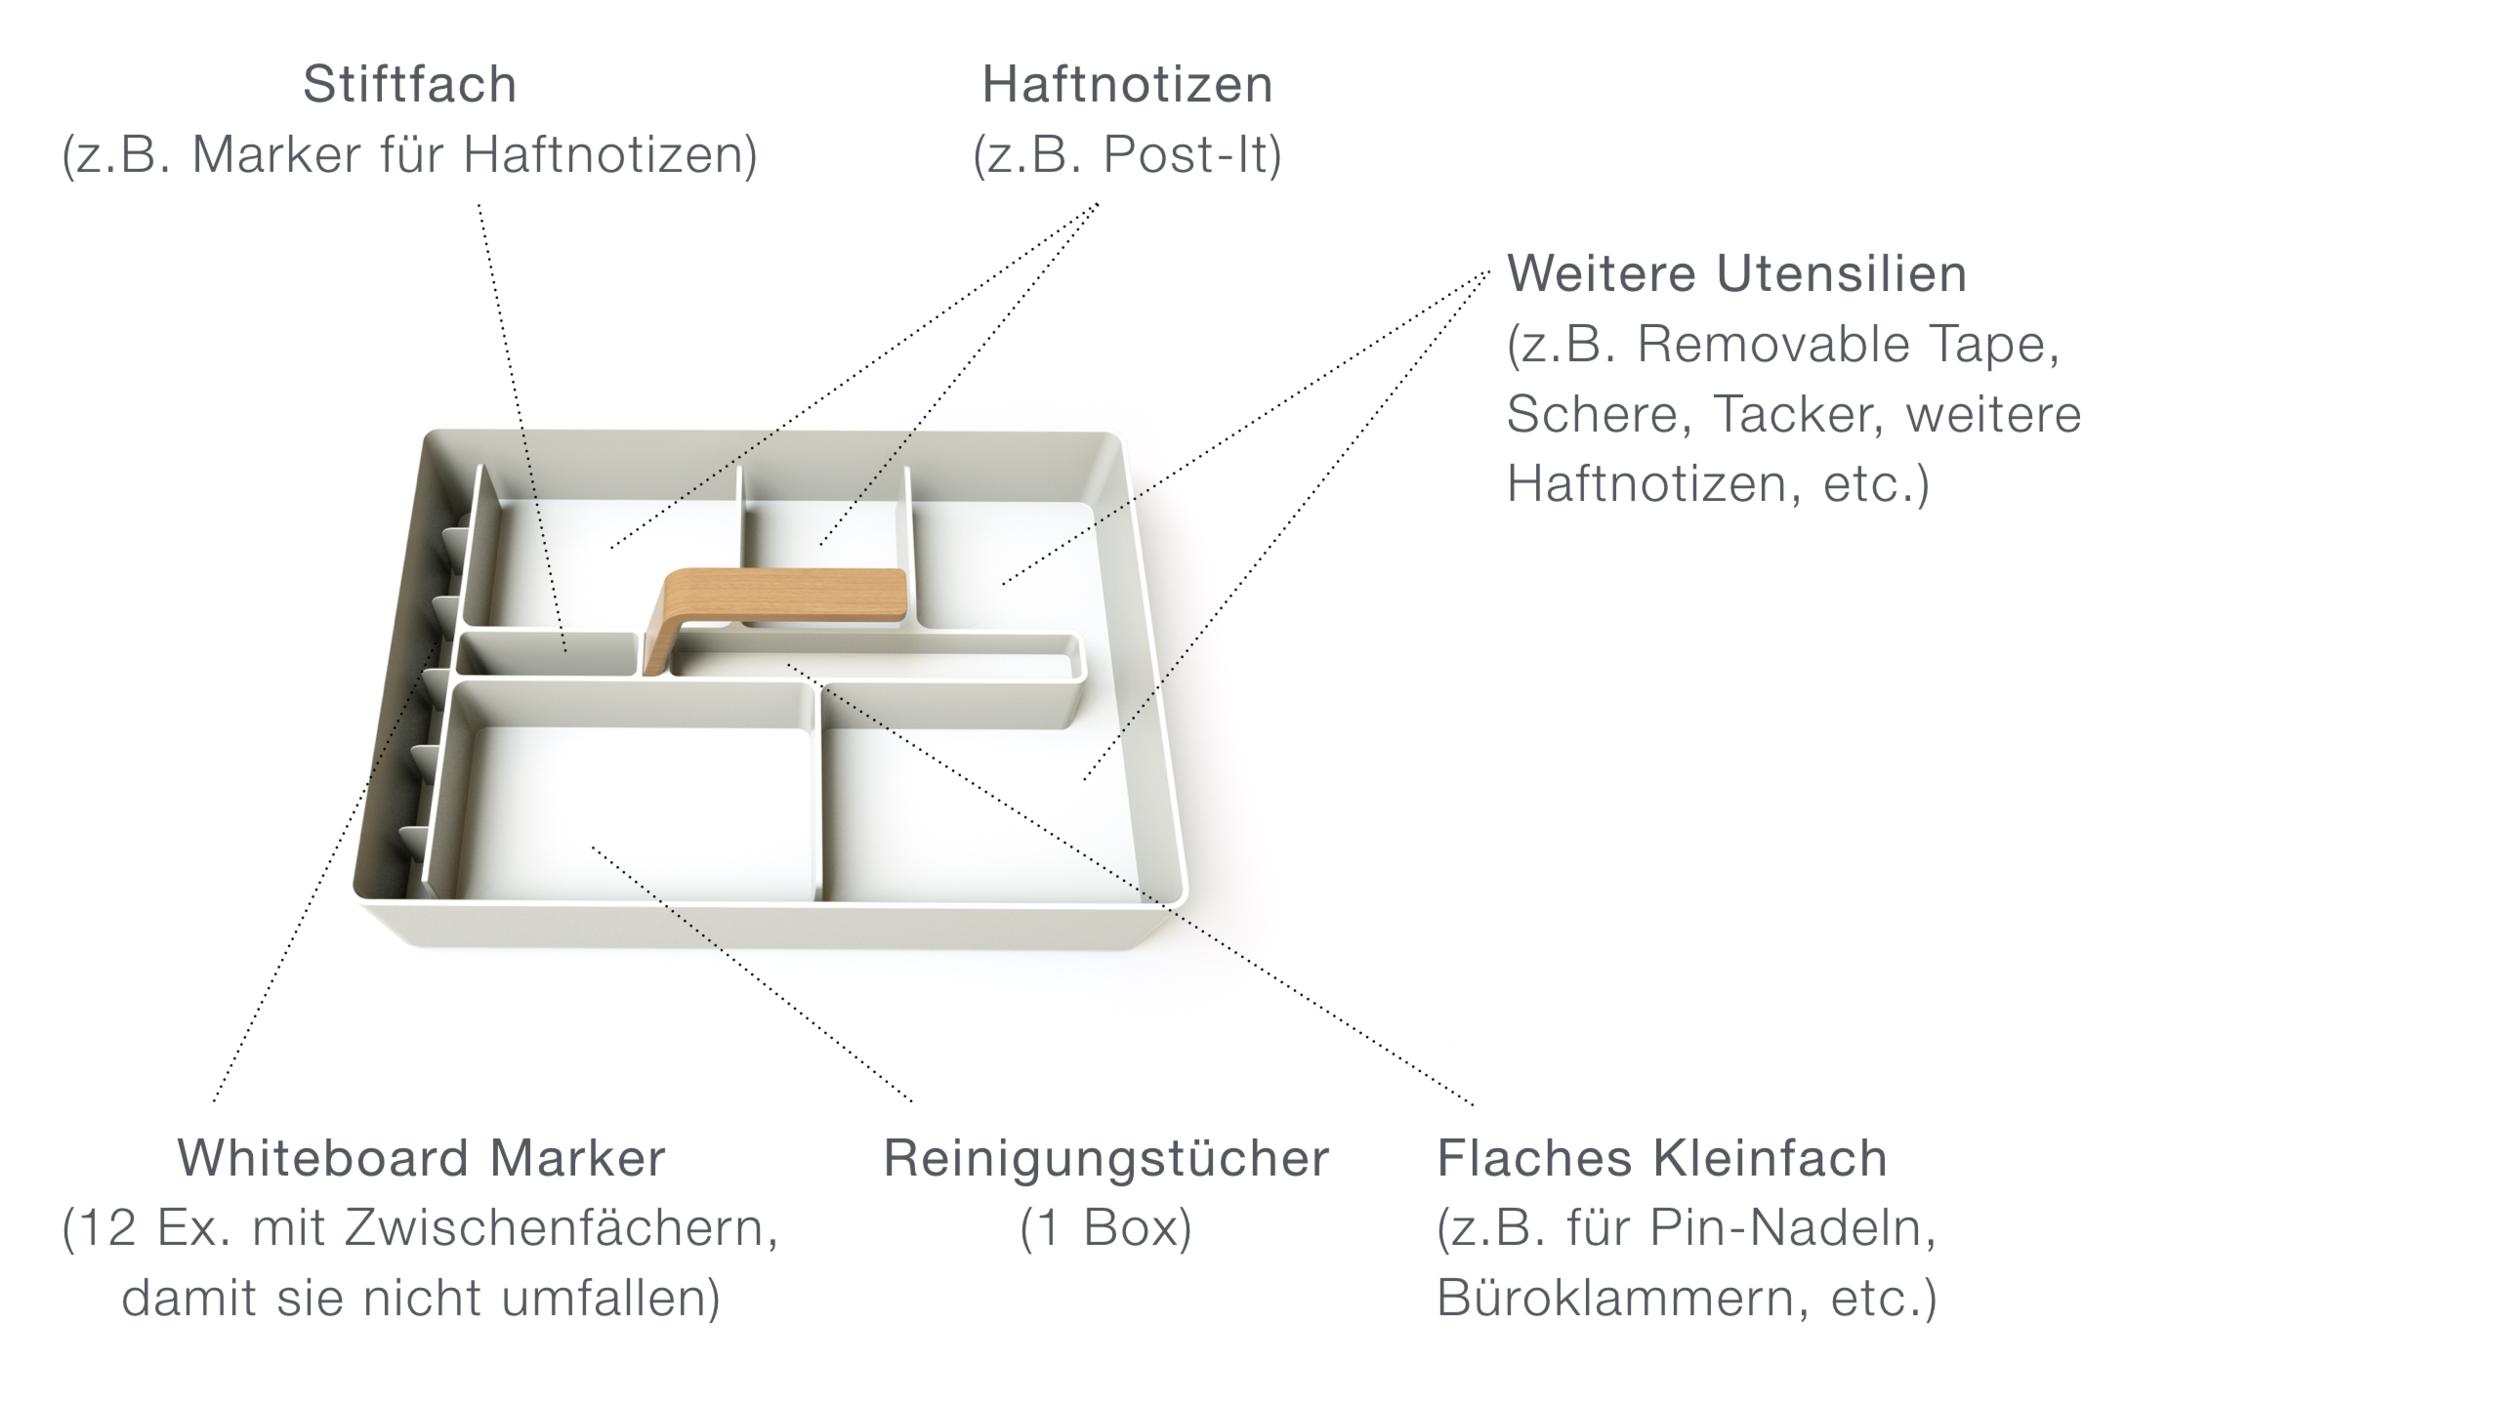 Organisation von Whiteboard Zubehör wie Marker, Haftnotizen und Reinigungstücher